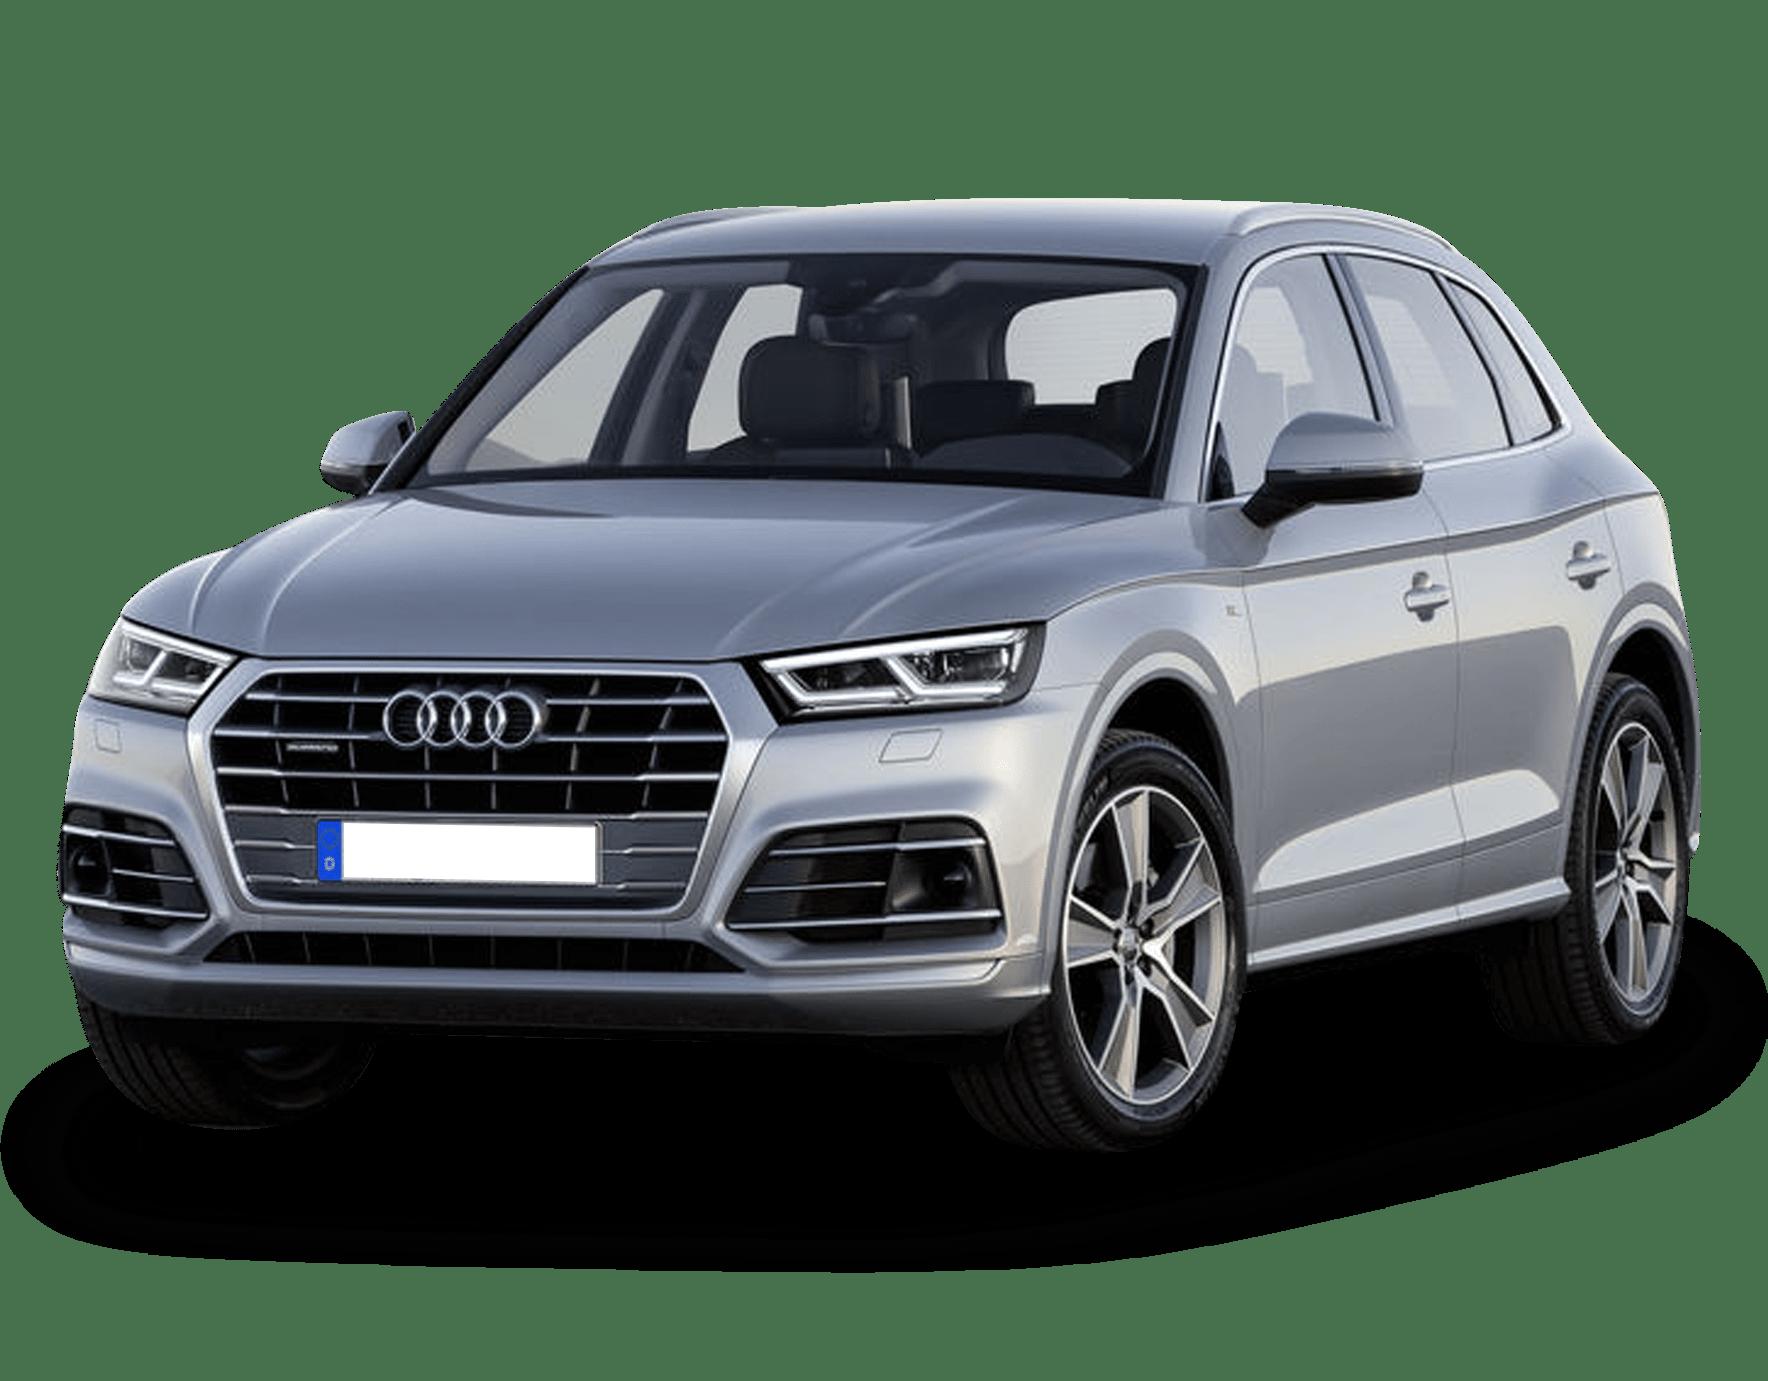 Kelebihan Audi Q5 Murah Berkualitas